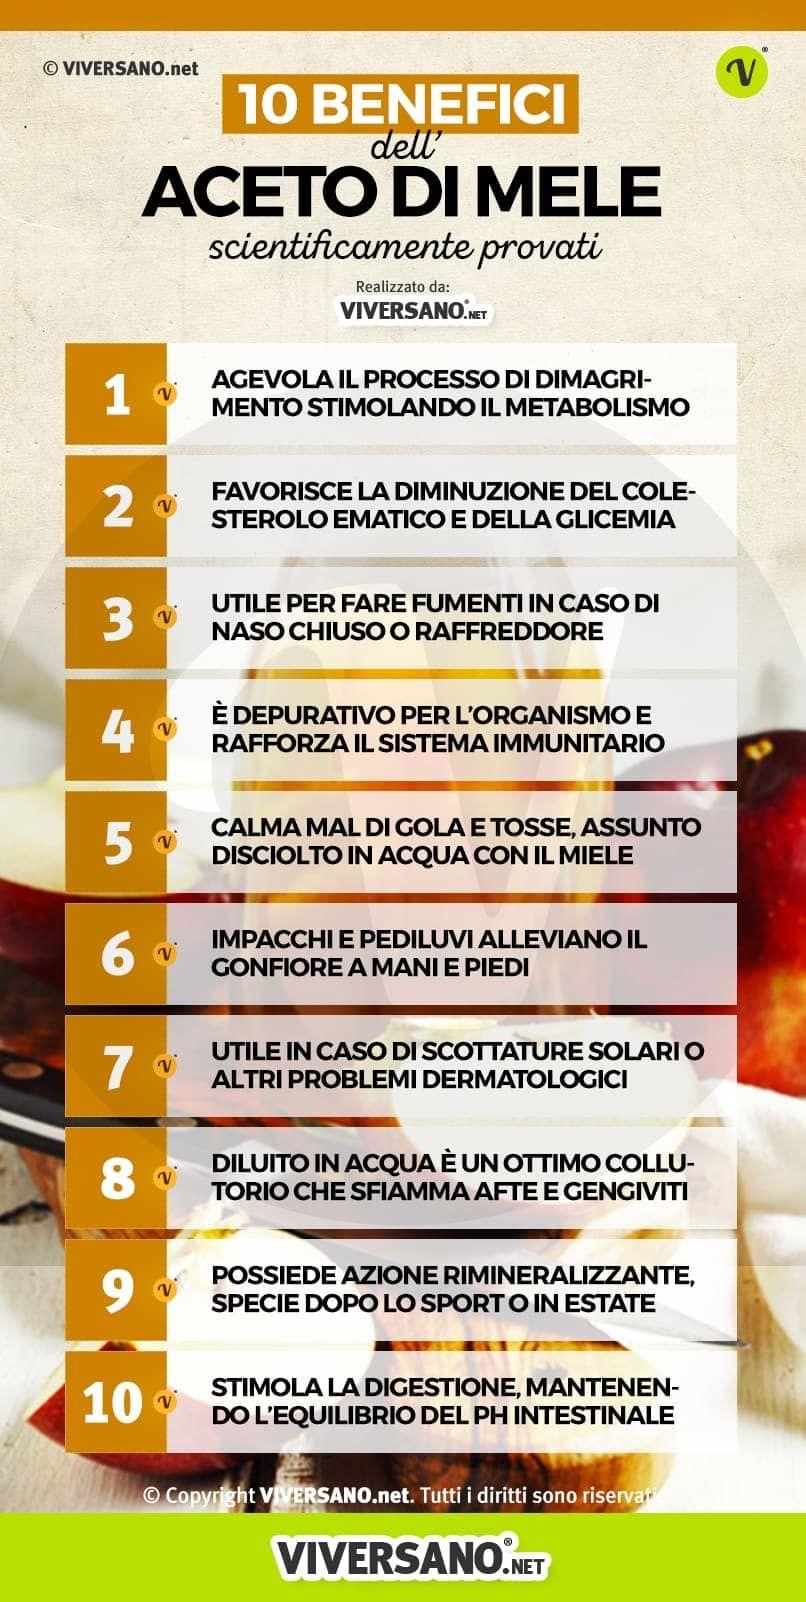 dieta biologica allaceto di melee